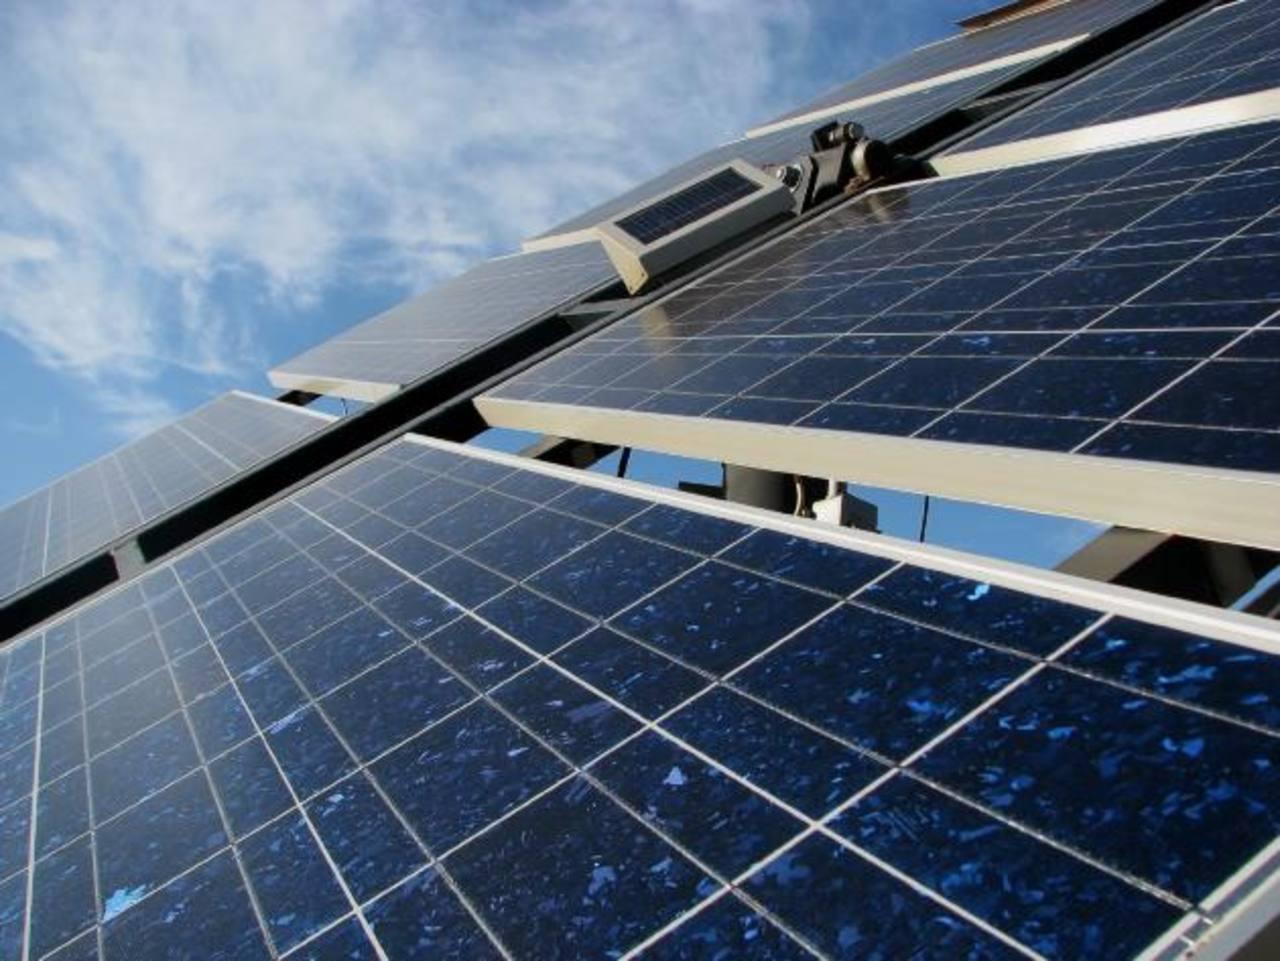 En energía poseen proyectos eólicos y en paneles solares.